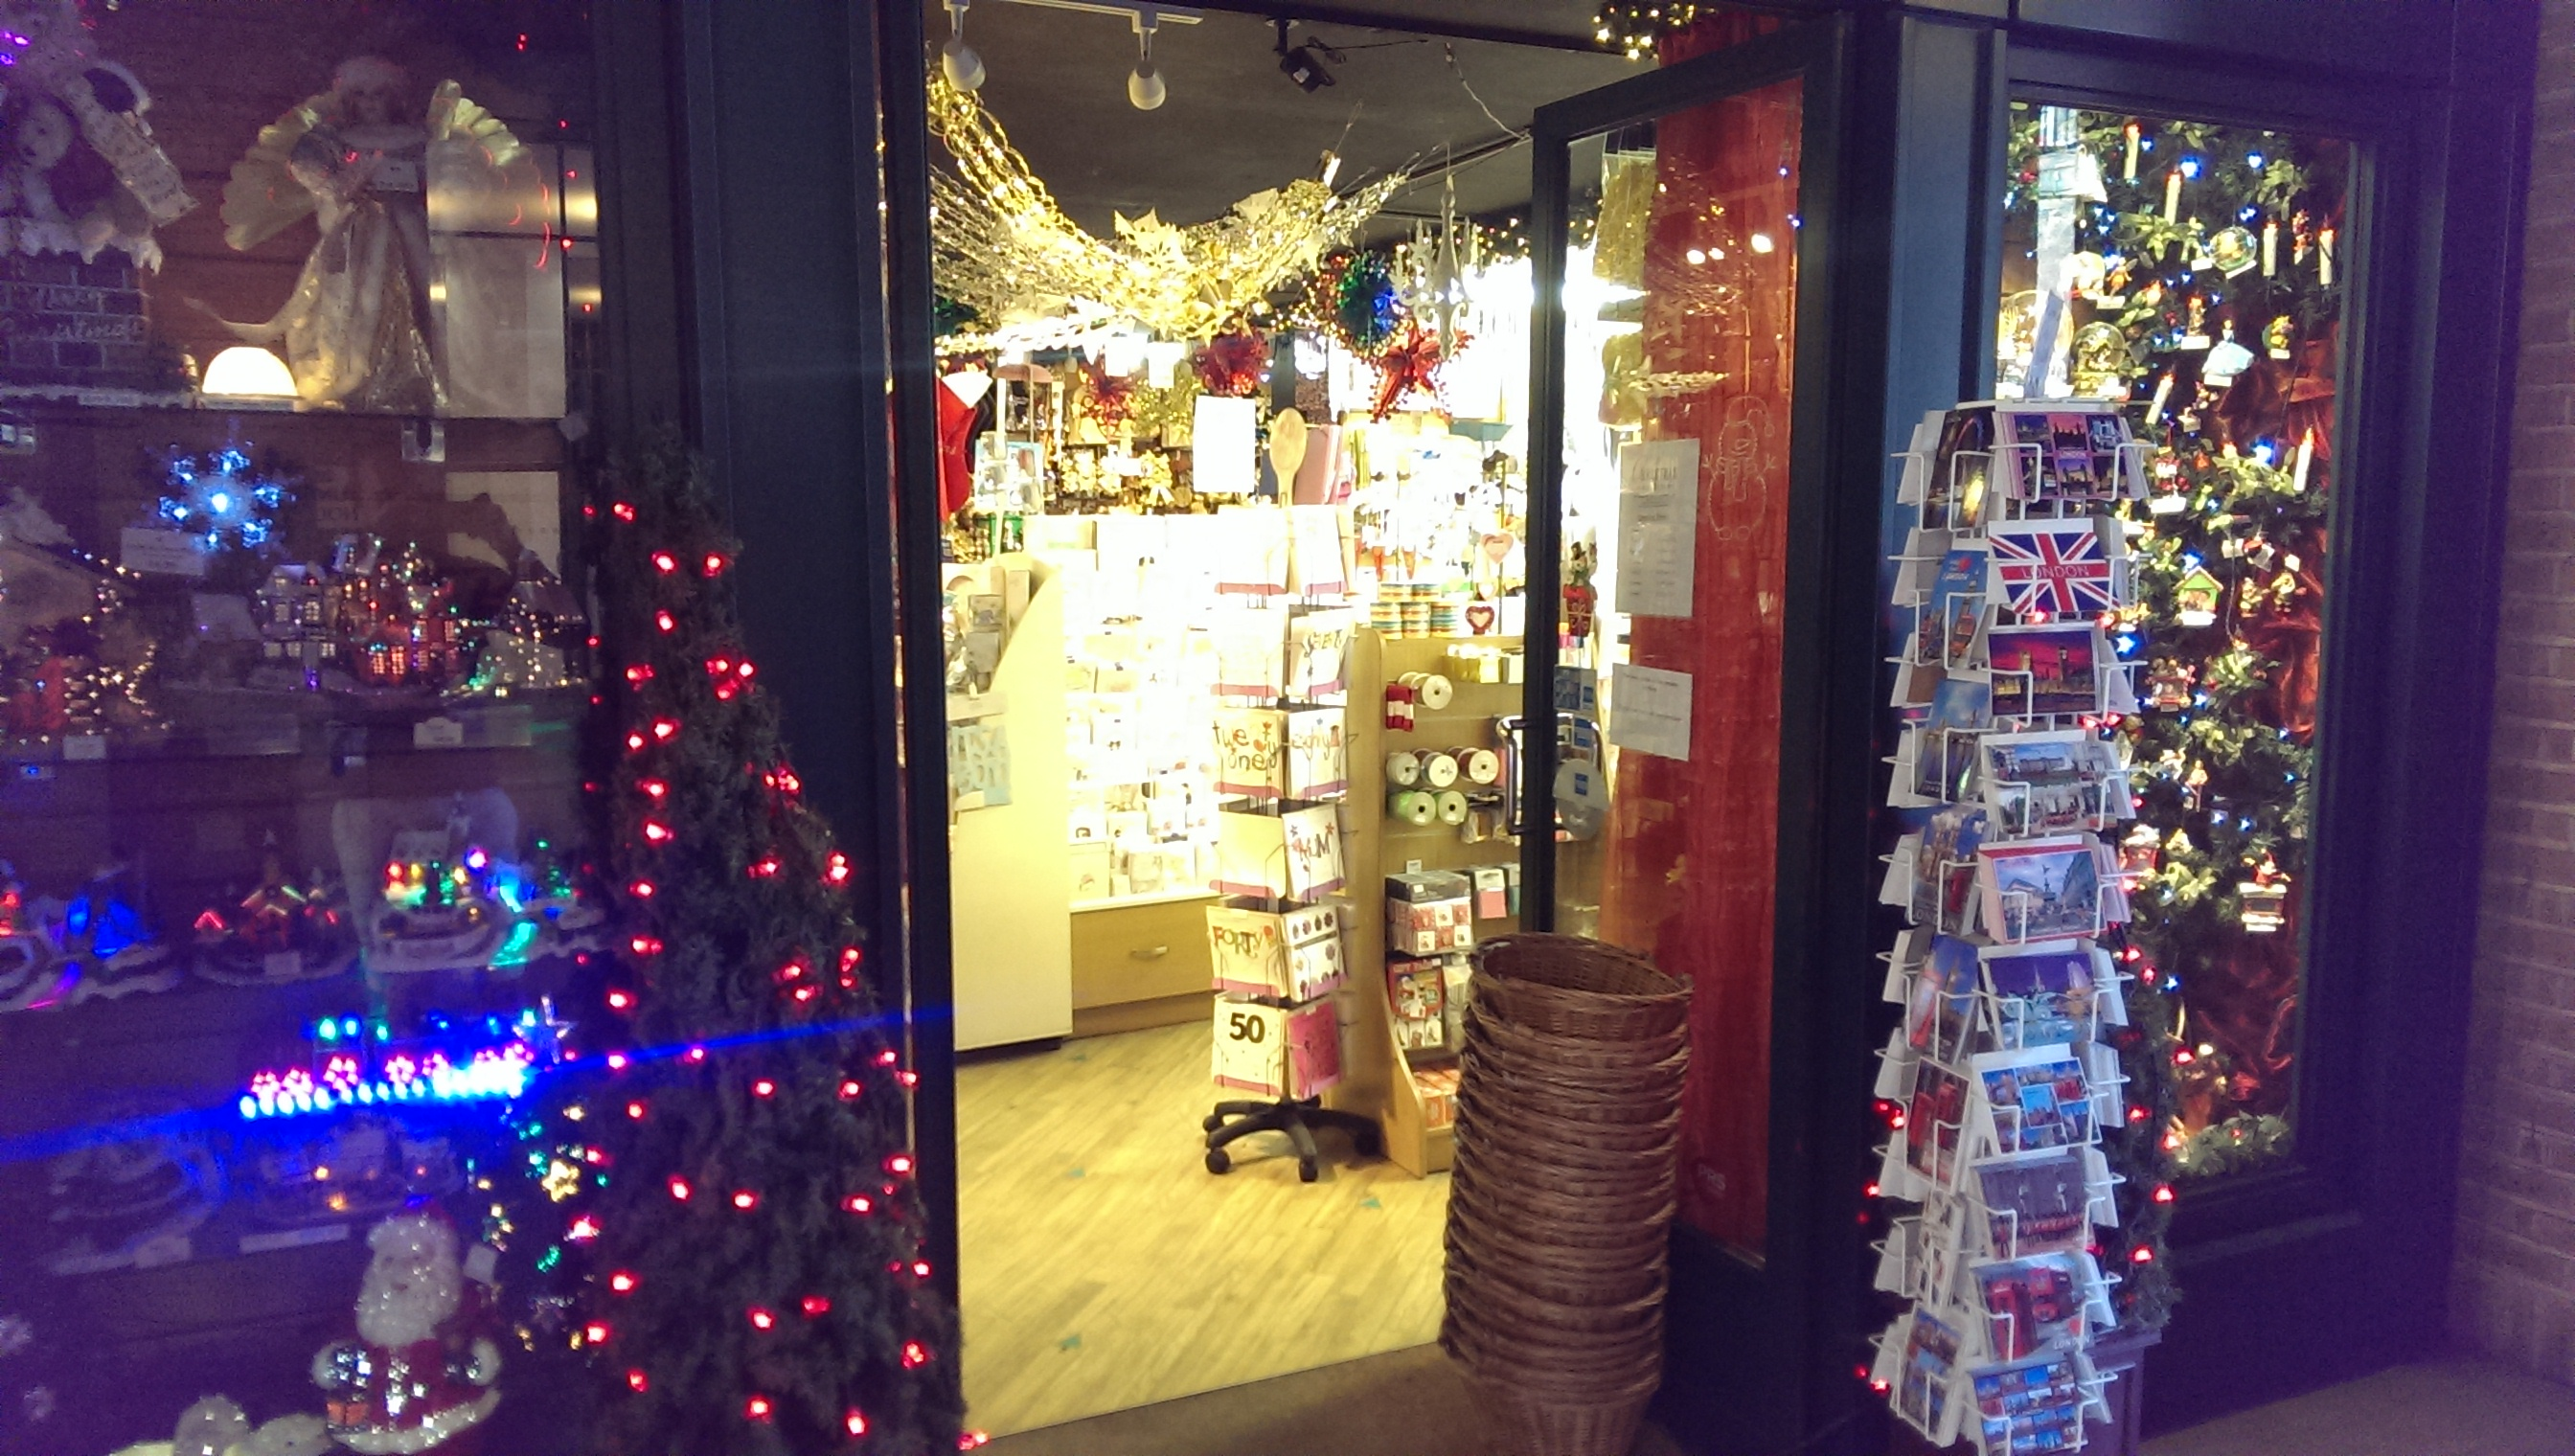 Am Eingang warten schon unzählige Weihnachtssachen auf einen